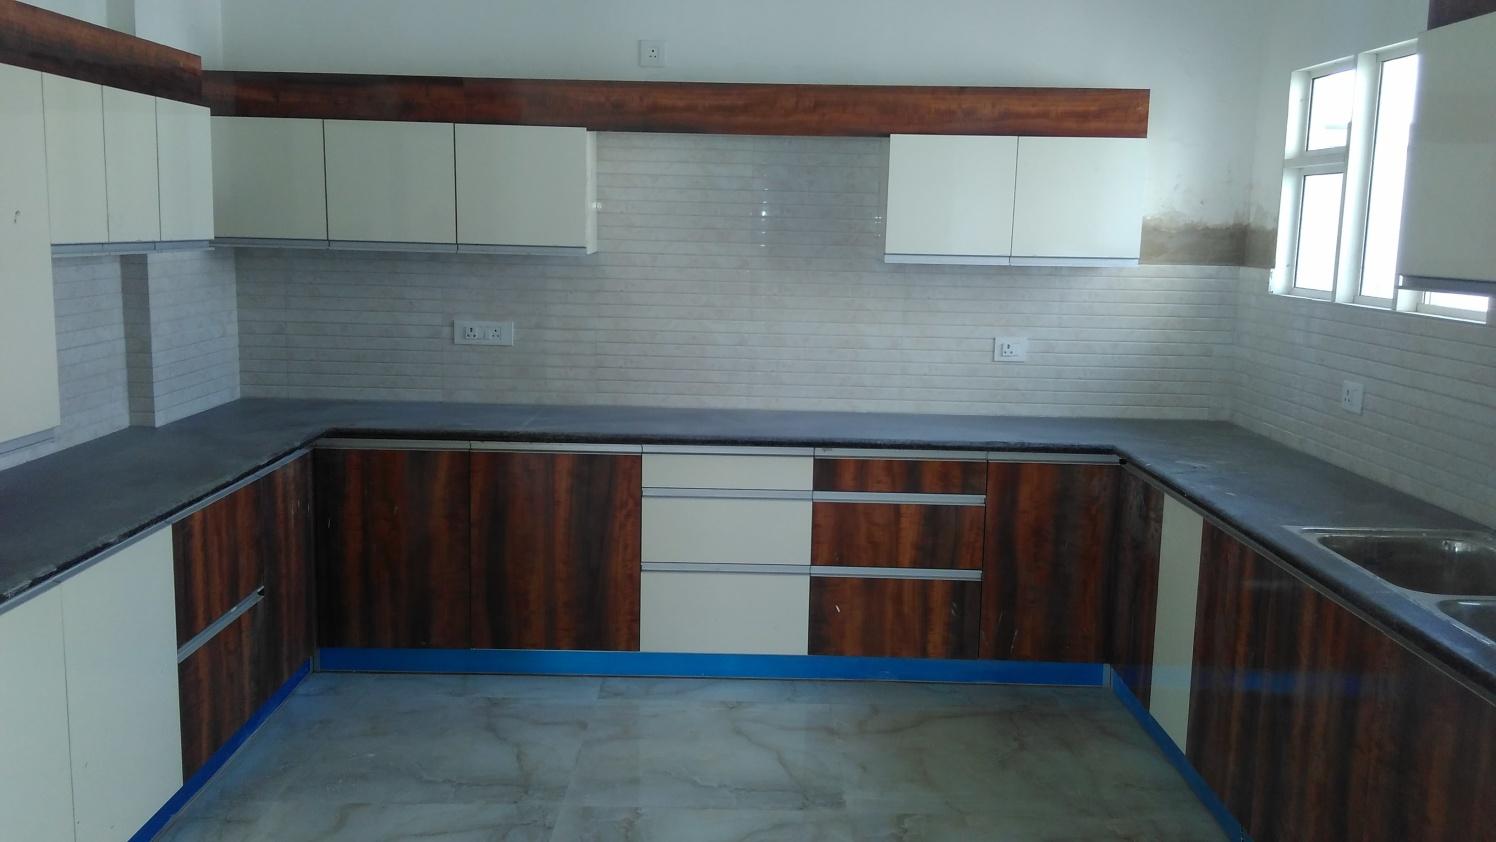 Kitchen With Marble Flooring by Abhinav Gupta Modular-kitchen Modern | Interior Design Photos & Ideas